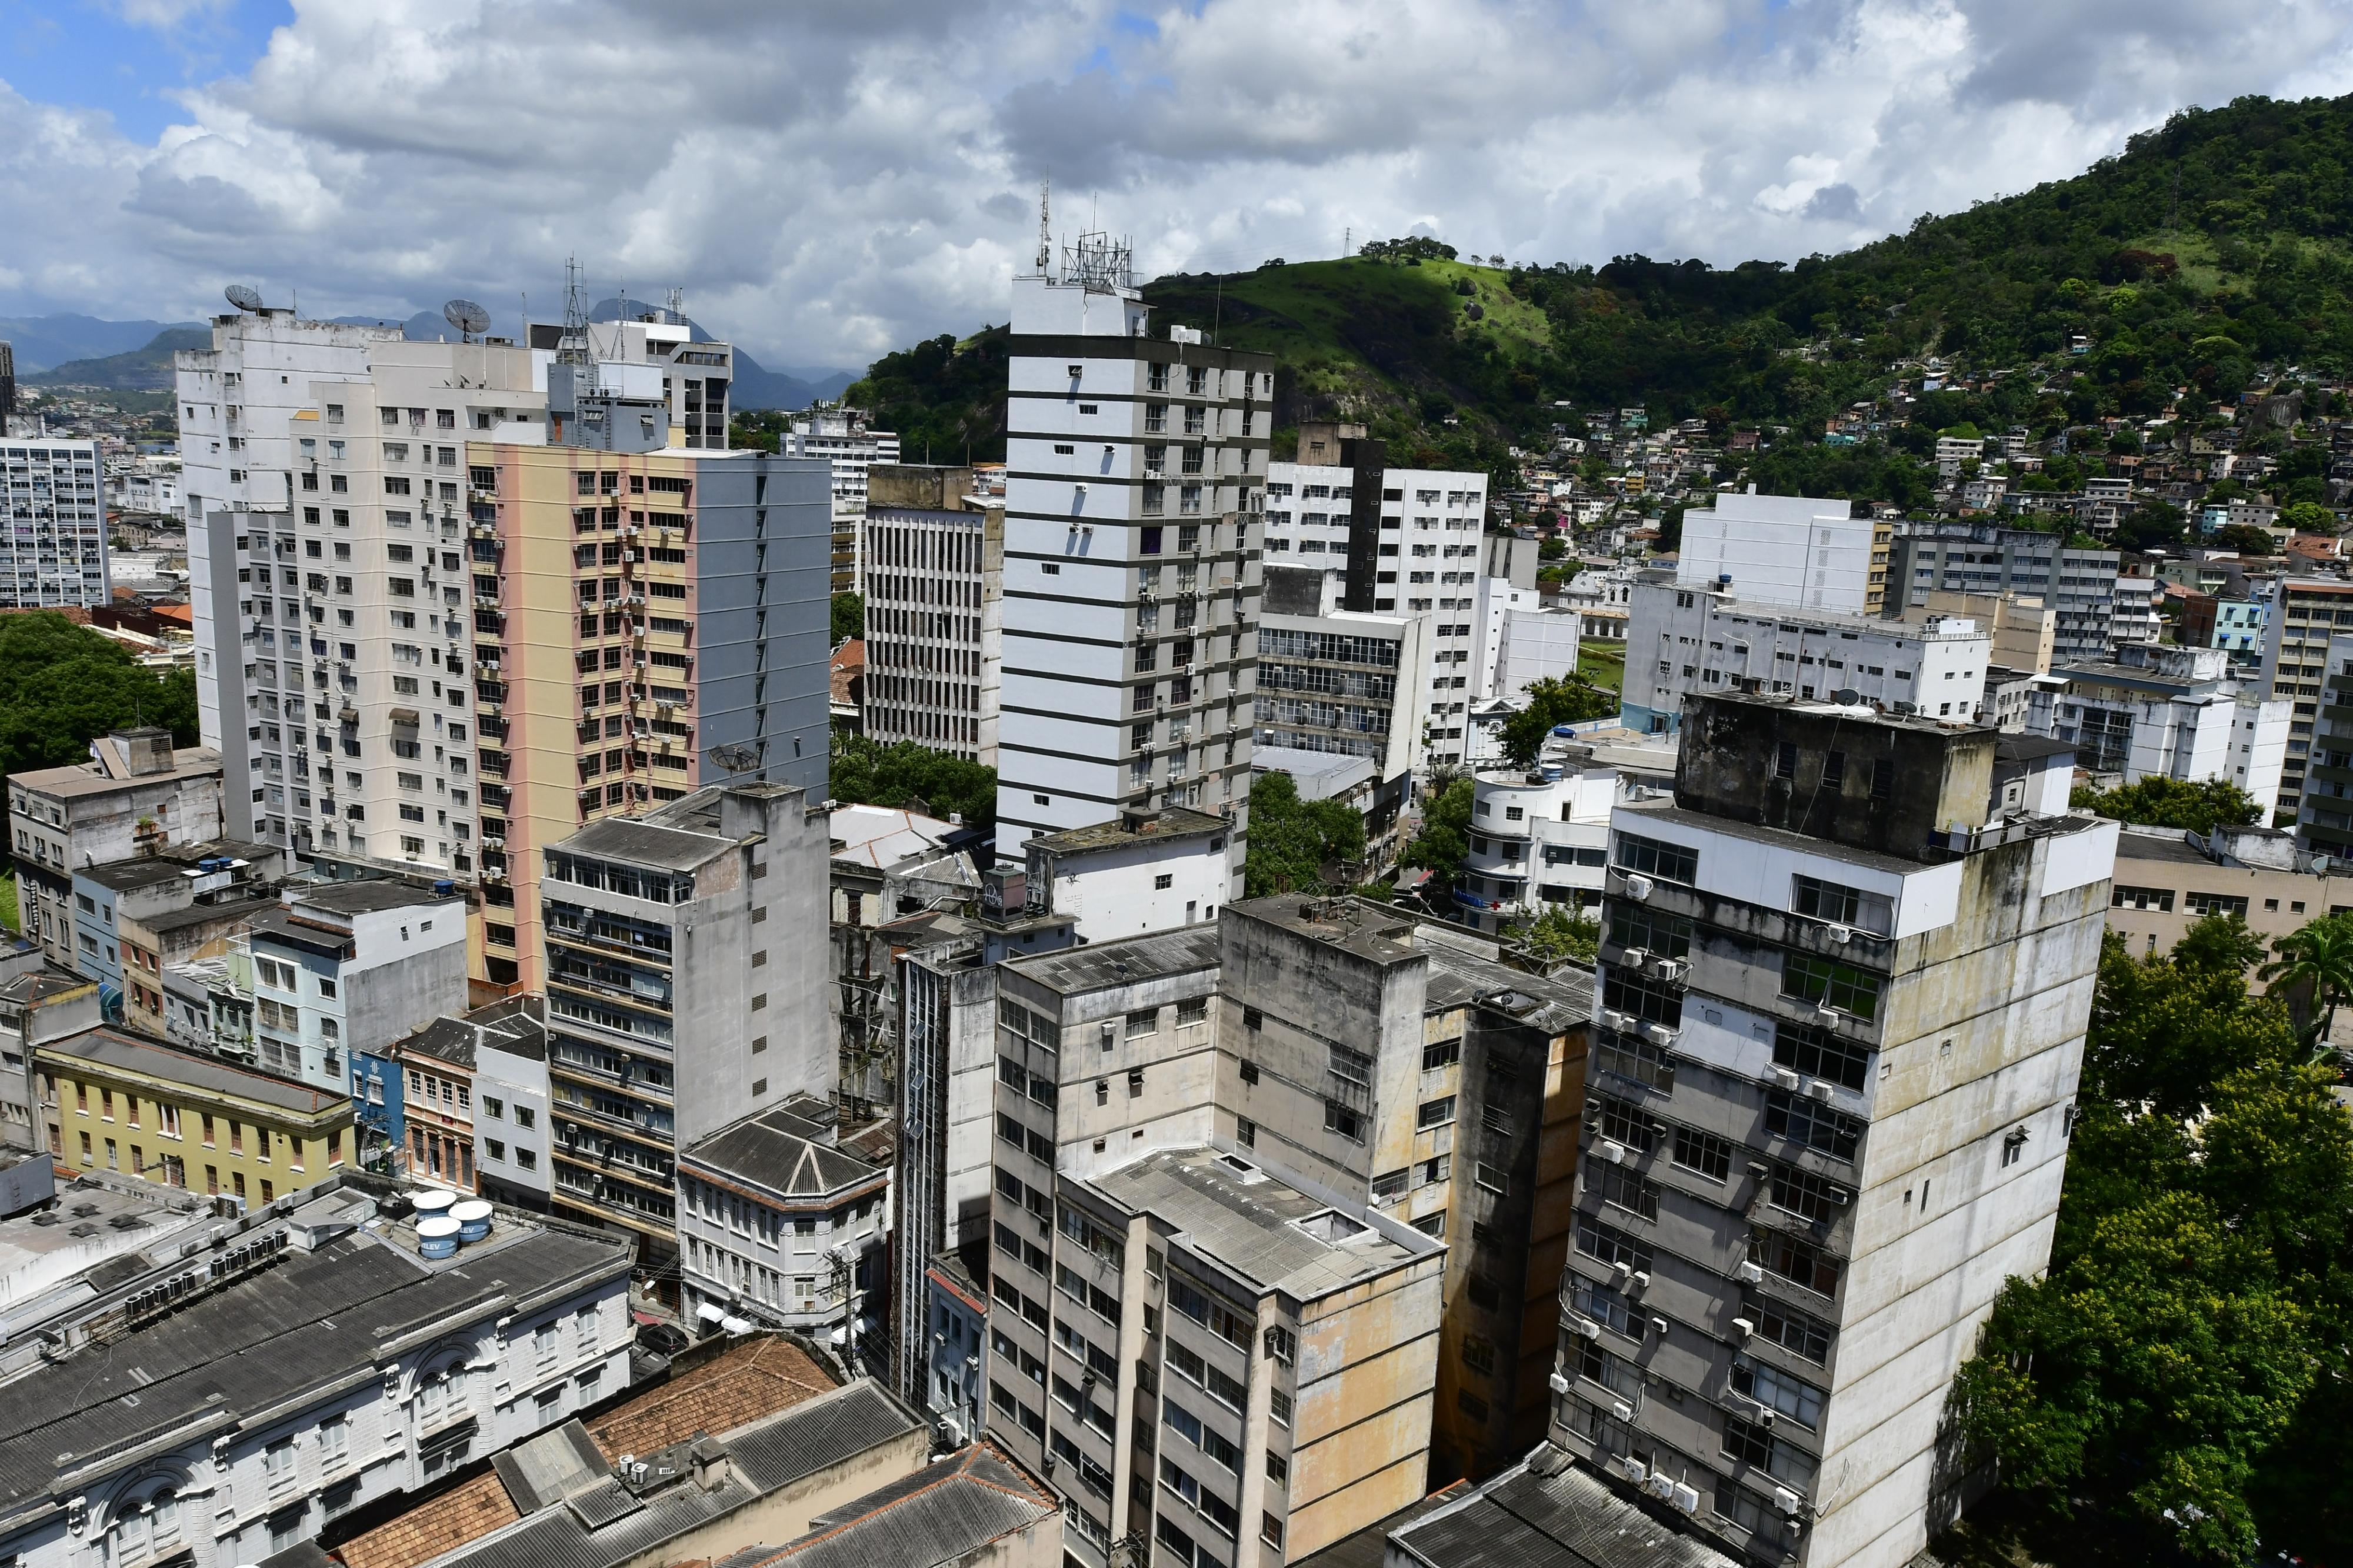 Manutenção em bairros do Centro de Vitória foi cancelada. Crédito: Bernardo Coutinho